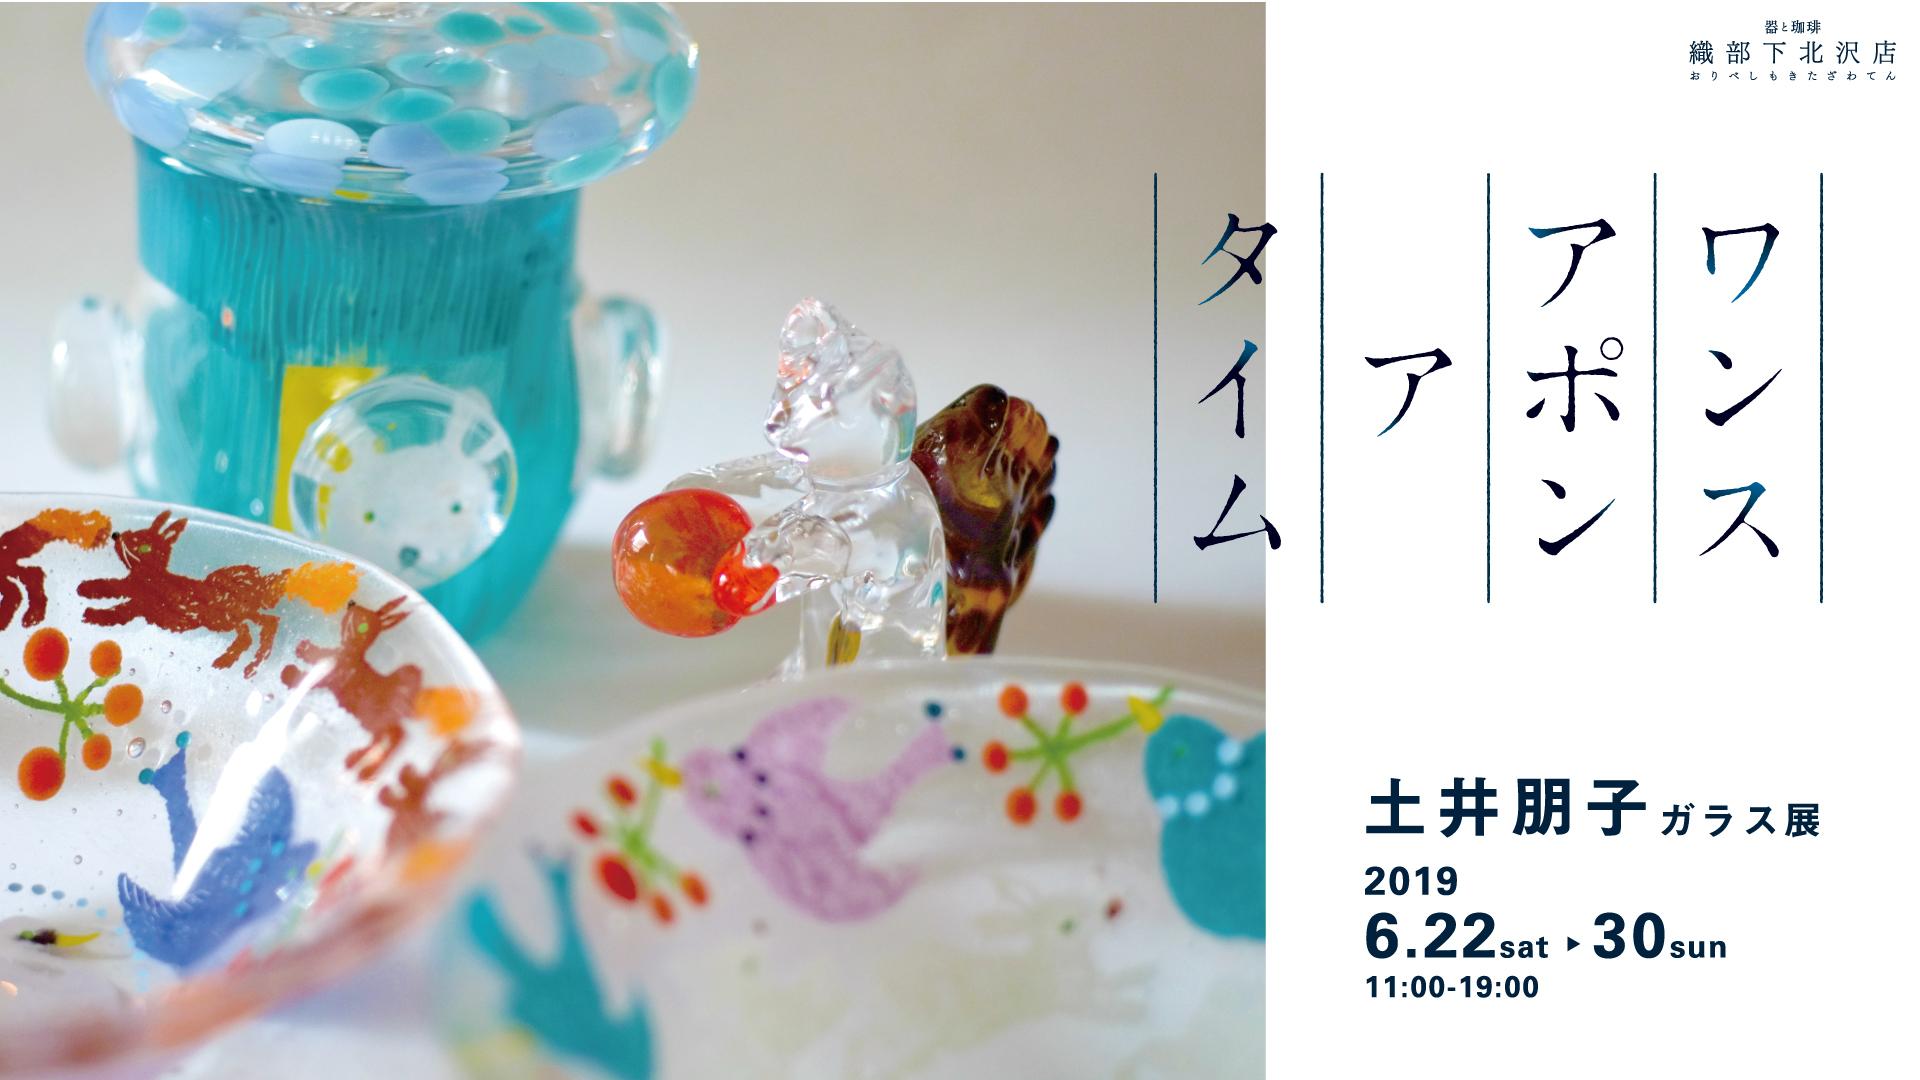 土井朋子ガラス展『ワンス・アポン・ア・タイム』